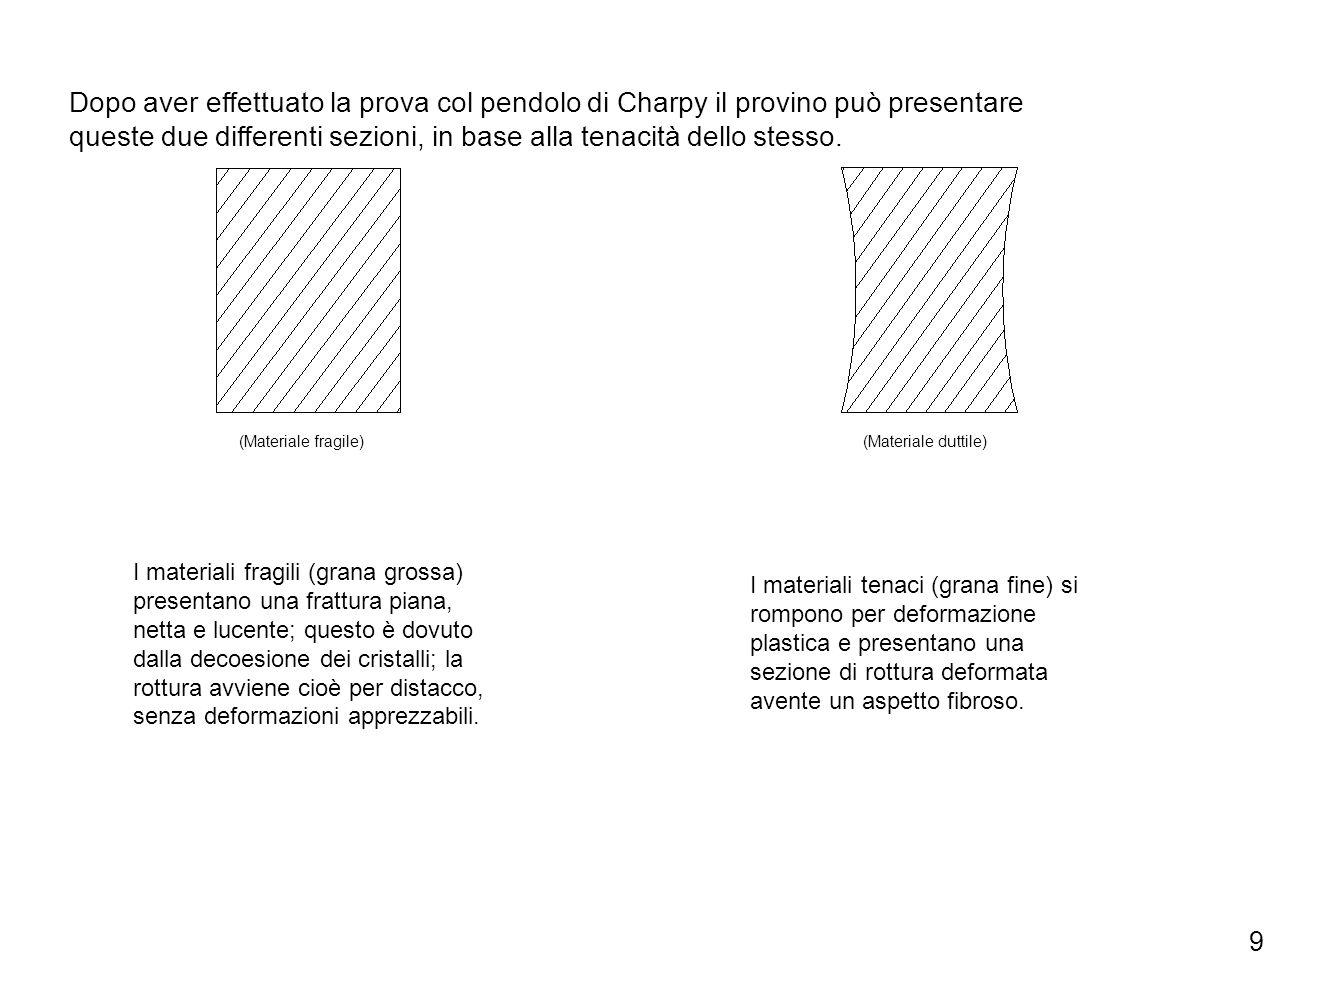 20 Carichi di prova F = K * D2 F = carico di prova K = costante dipendente dal materiale D = diametro del penetratore Il carico applicato sul provino deve raggiungere il suo valore massimo in un tempo variabile tra i 2 e gli 8 secondi, deve rimanere applicato per circa 15 secondi.